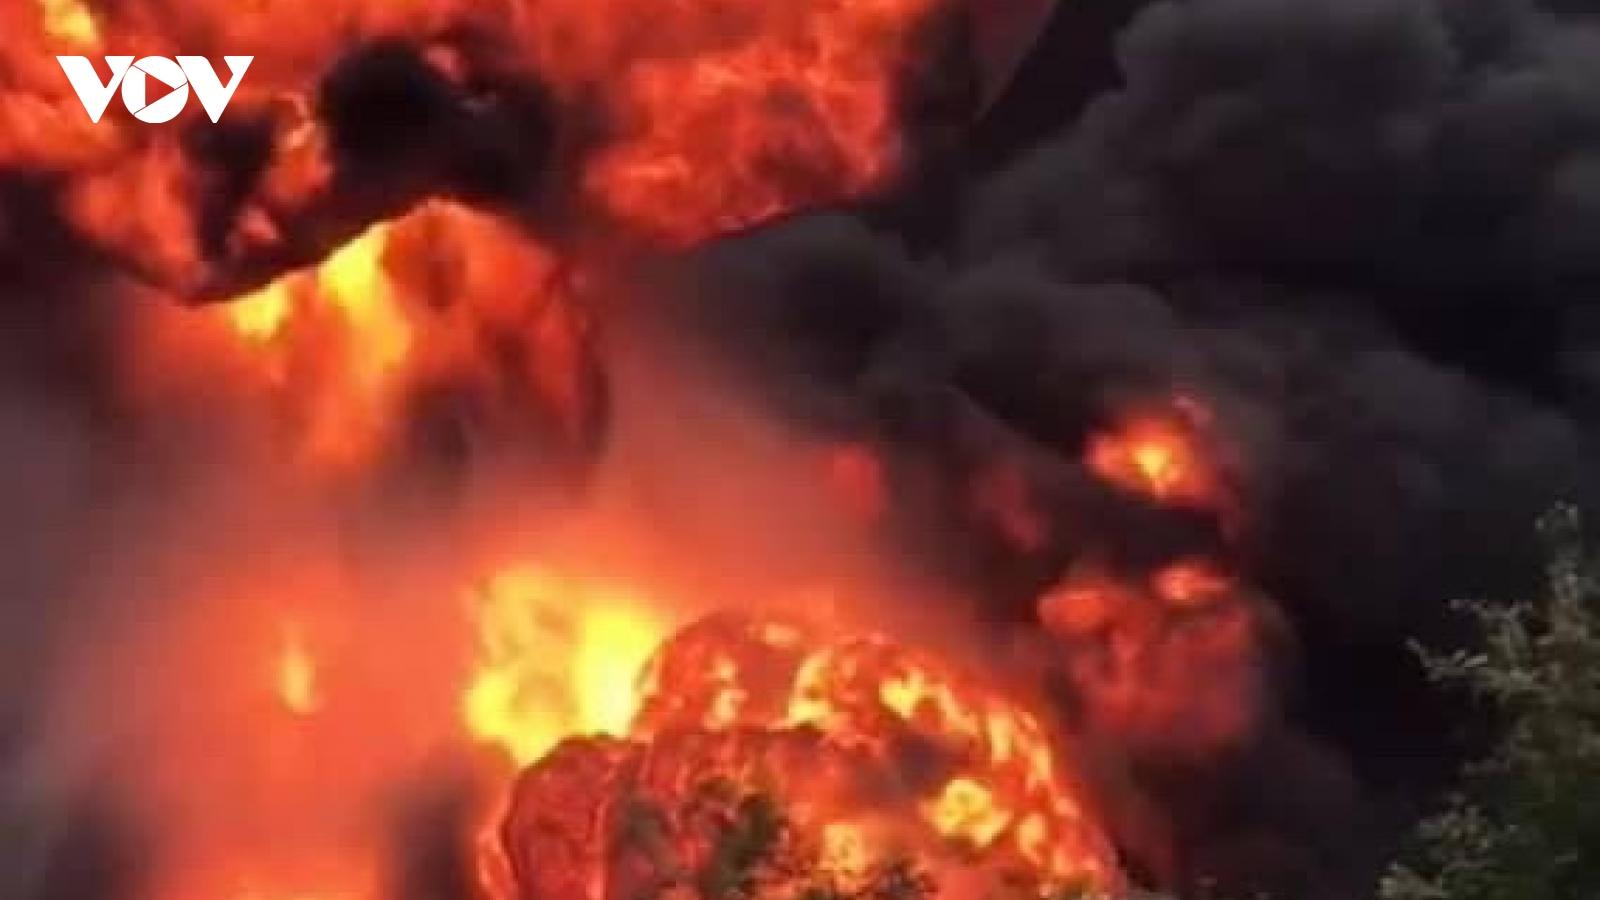 Cháy nổ kinh hoàng tại kho hàng ở biên giới Việt - Lào, 2 ngườichết và 6 người bị thương